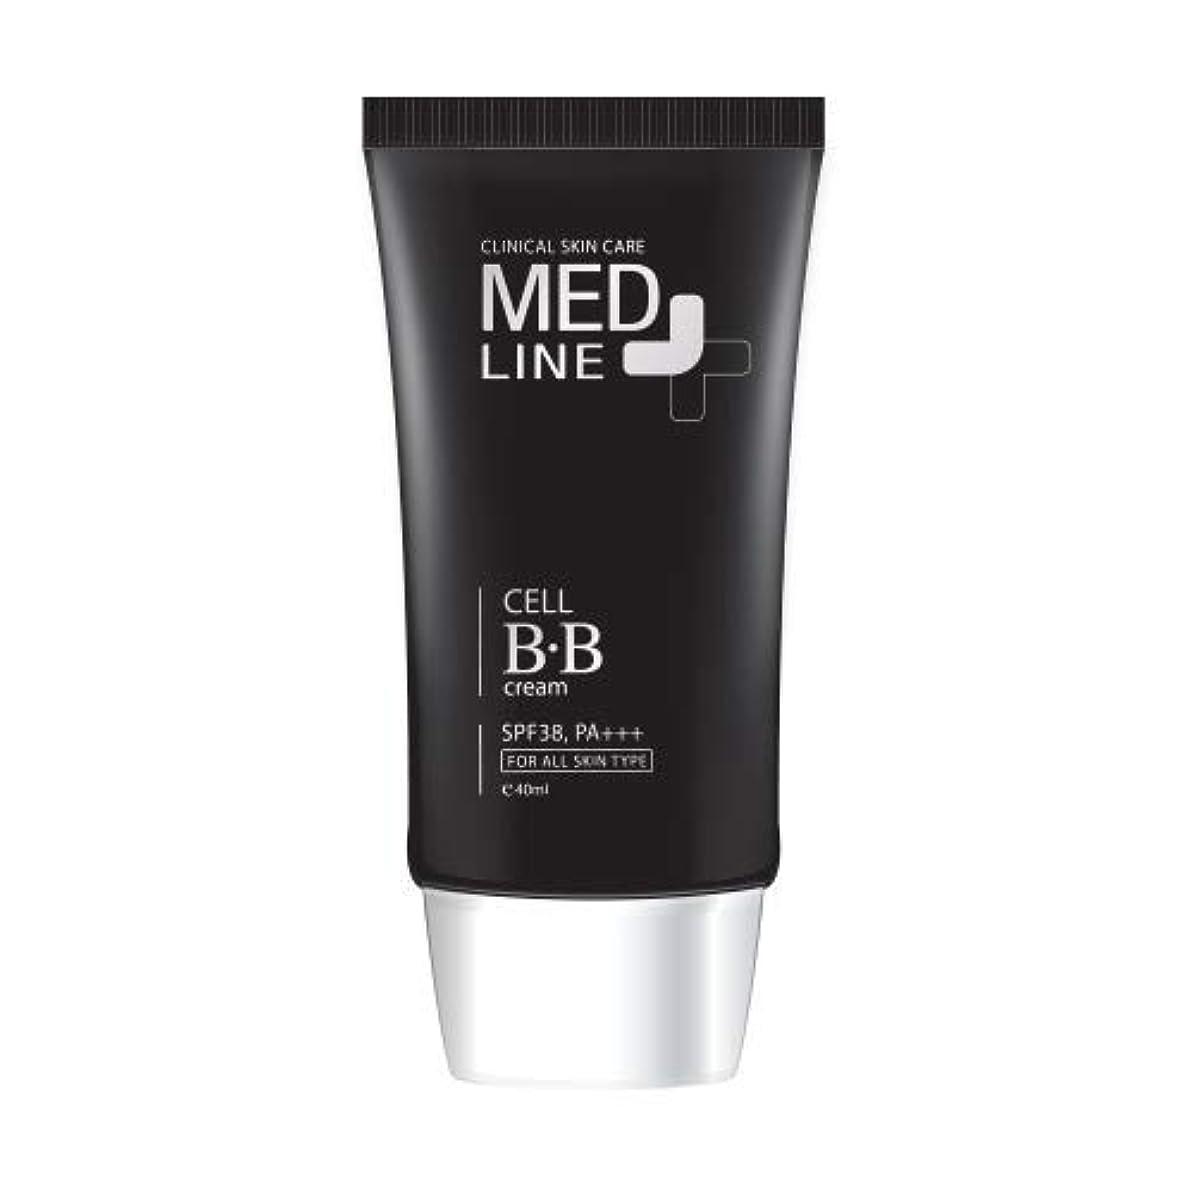 怖がって死ぬ強調郵便メドライン(Med Line) セルBBクリーム(Cell B.B Cream)